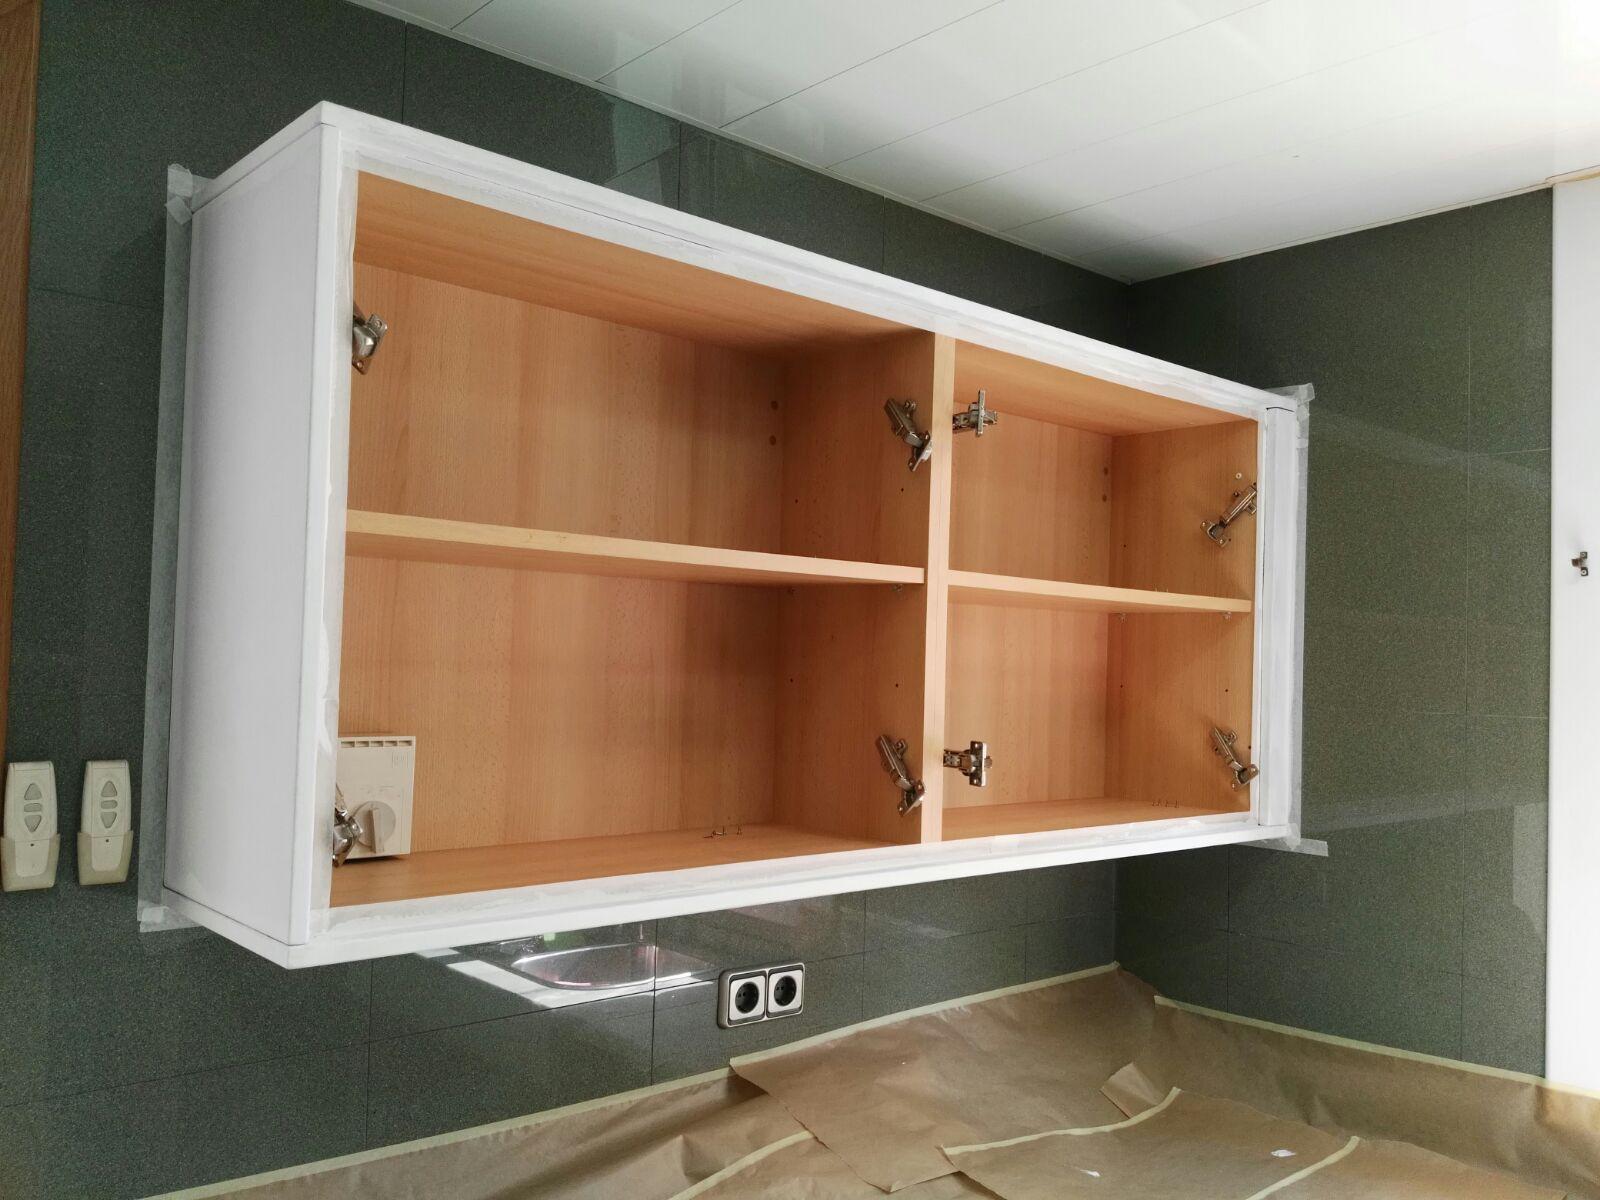 C Mo Pintar Un Mueble Pintorist Es # Como Secar Muebles Mojados